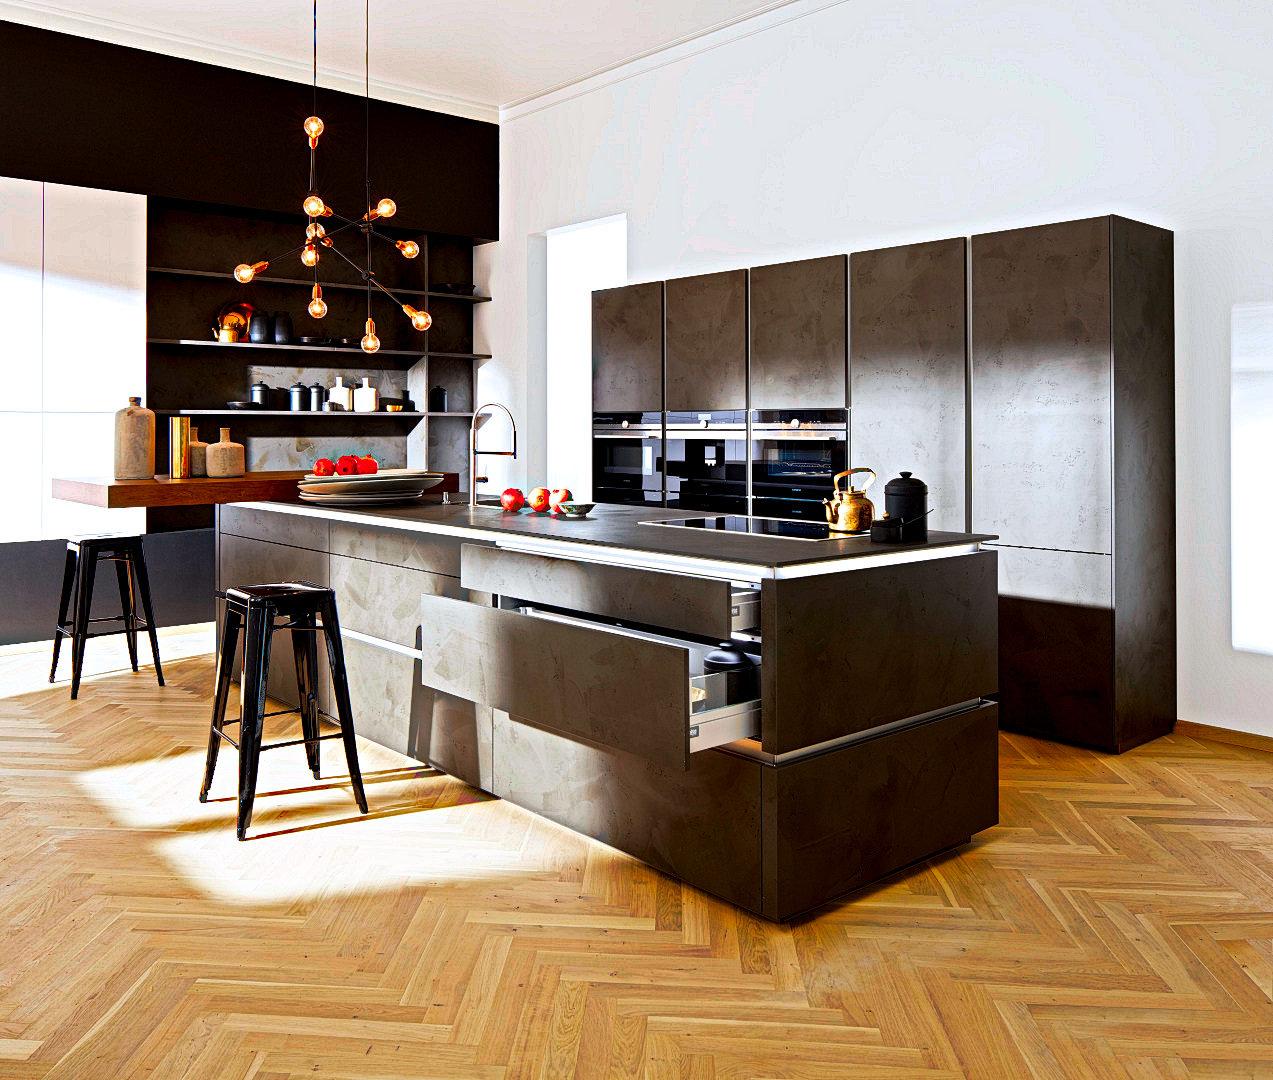 Full Size of Küche Günstig Kaufen Dresden Küche Günstig Kaufen Wo Hochglanz Küche Günstig Kaufen Küche Günstig Kaufen Roller Küche Küche Kaufen Günstig